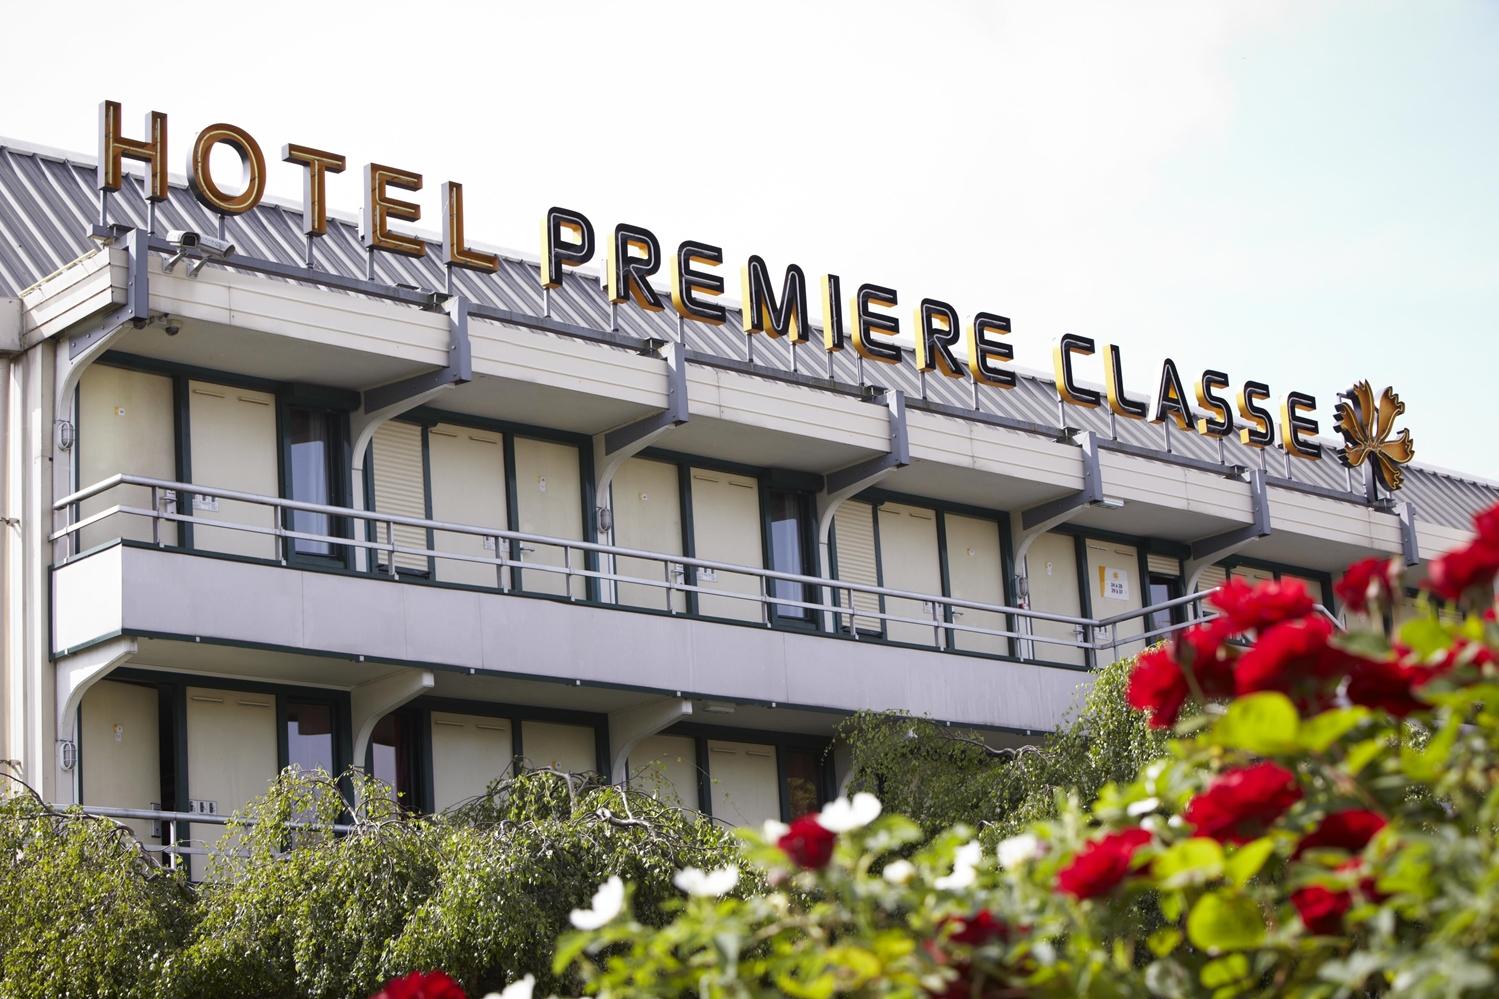 Premiere classe bethune - Fouquières Les Béthune